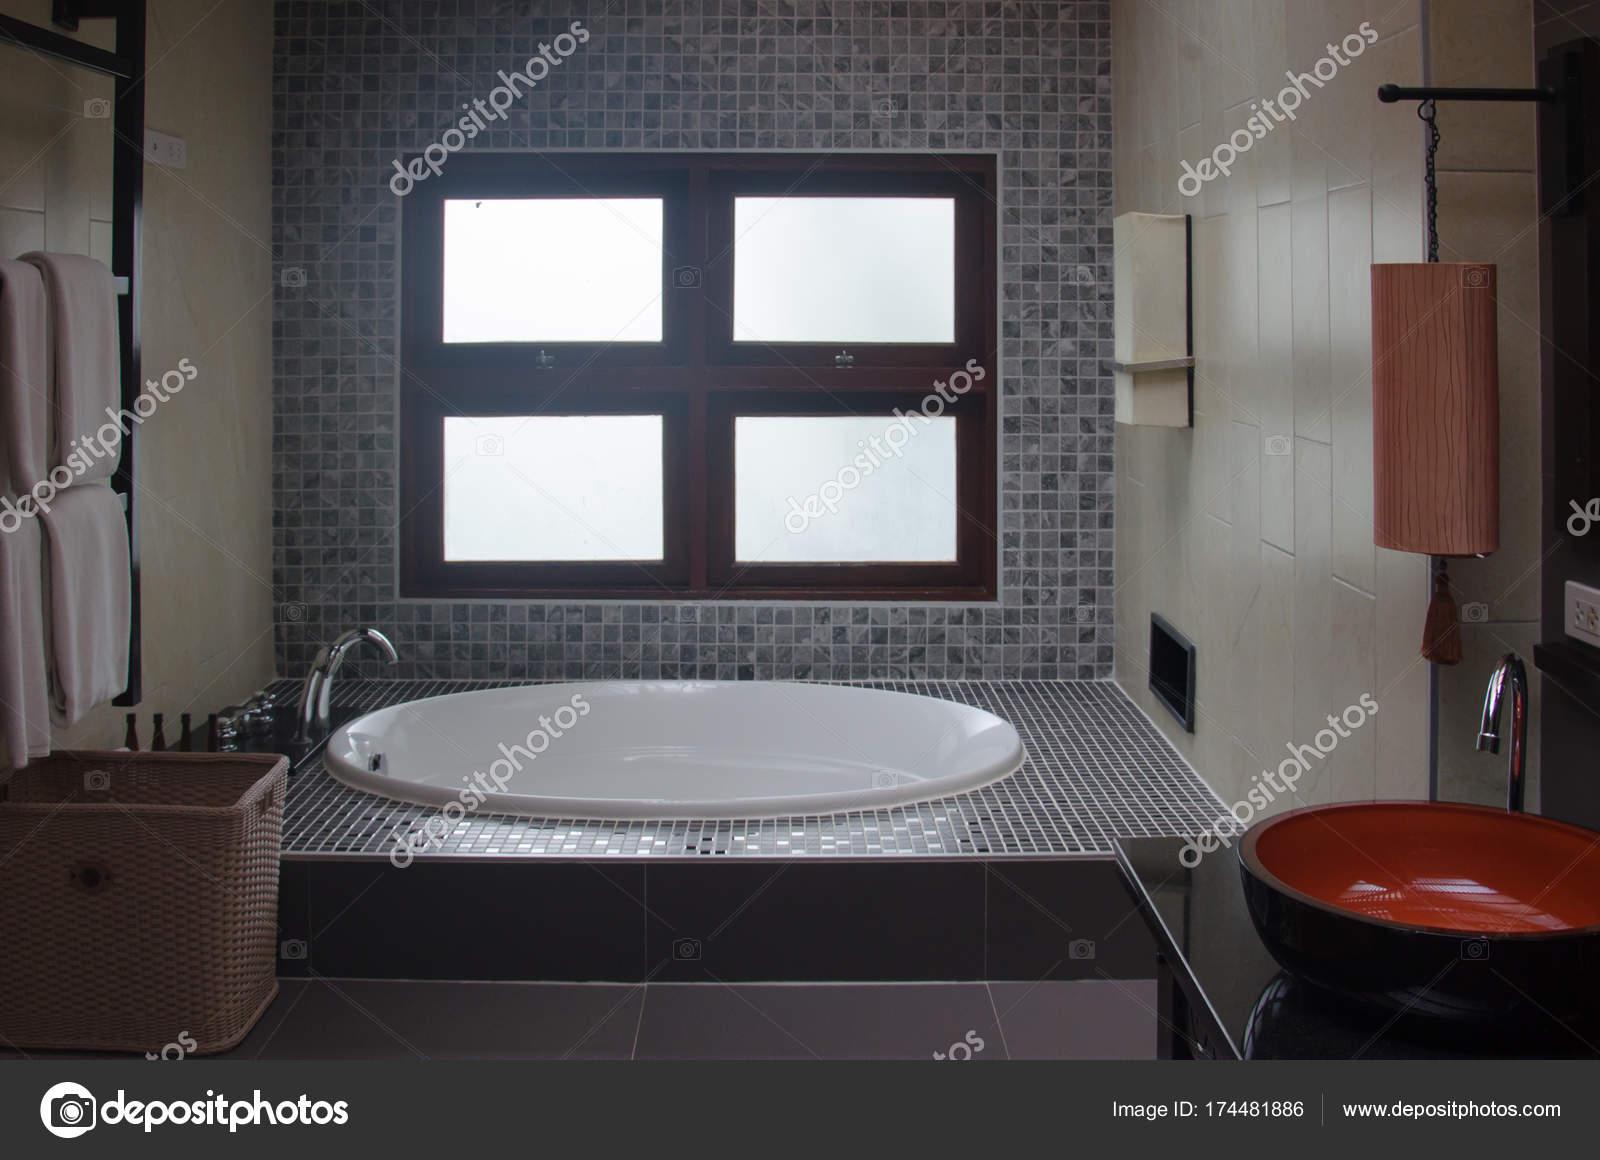 Badewannen Waschbecken badewanne und waschbecken — stockfoto © aoo8449 #174481886